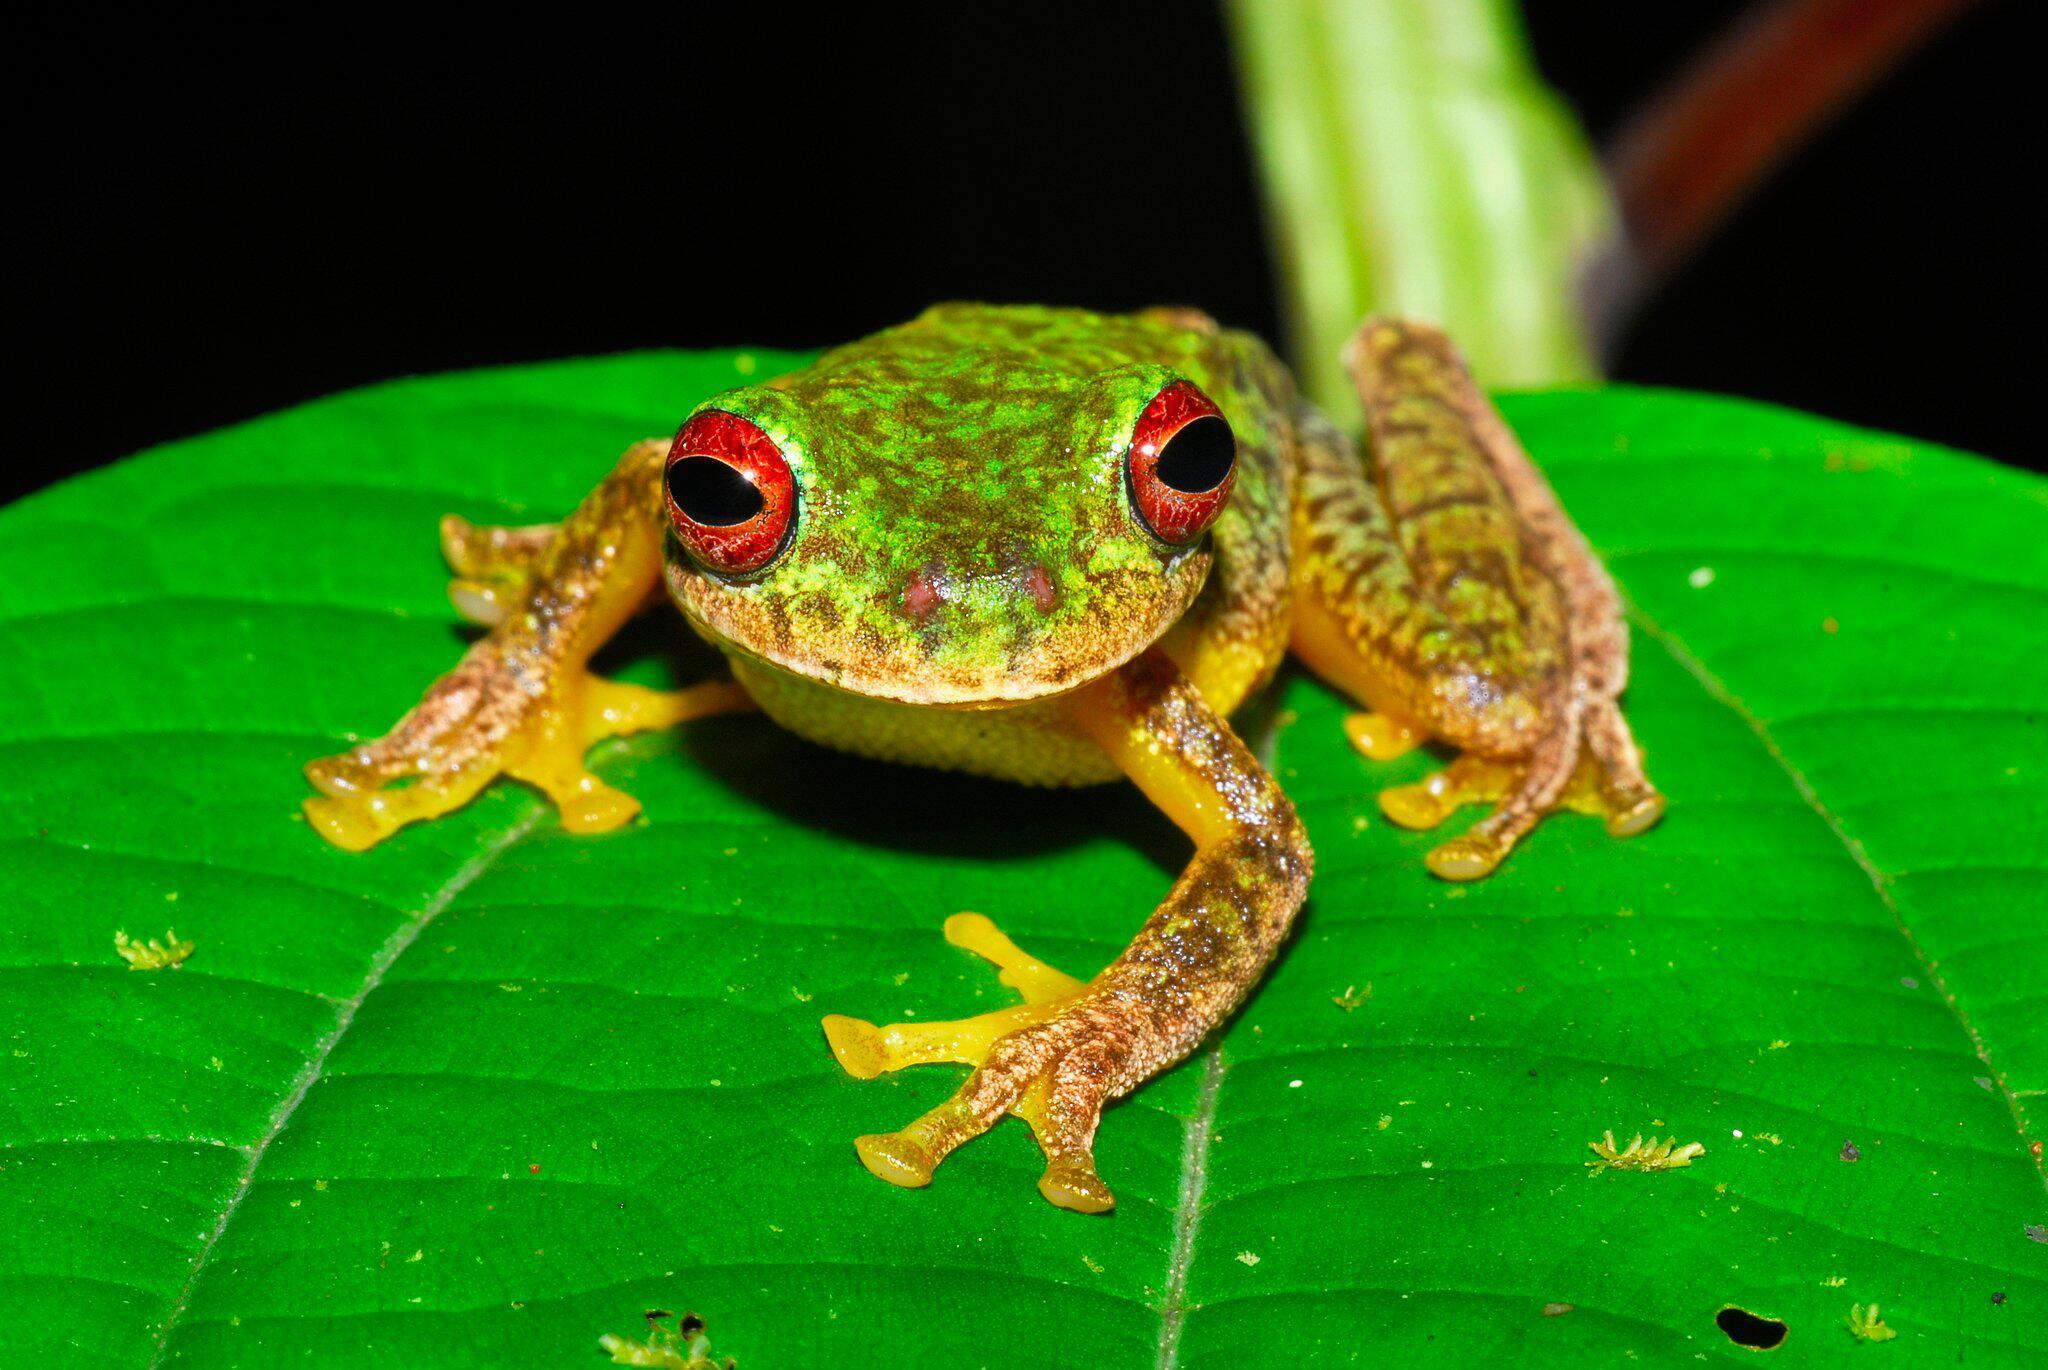 Bild zu Frosch - Amphibienkiller Chytridiomykose